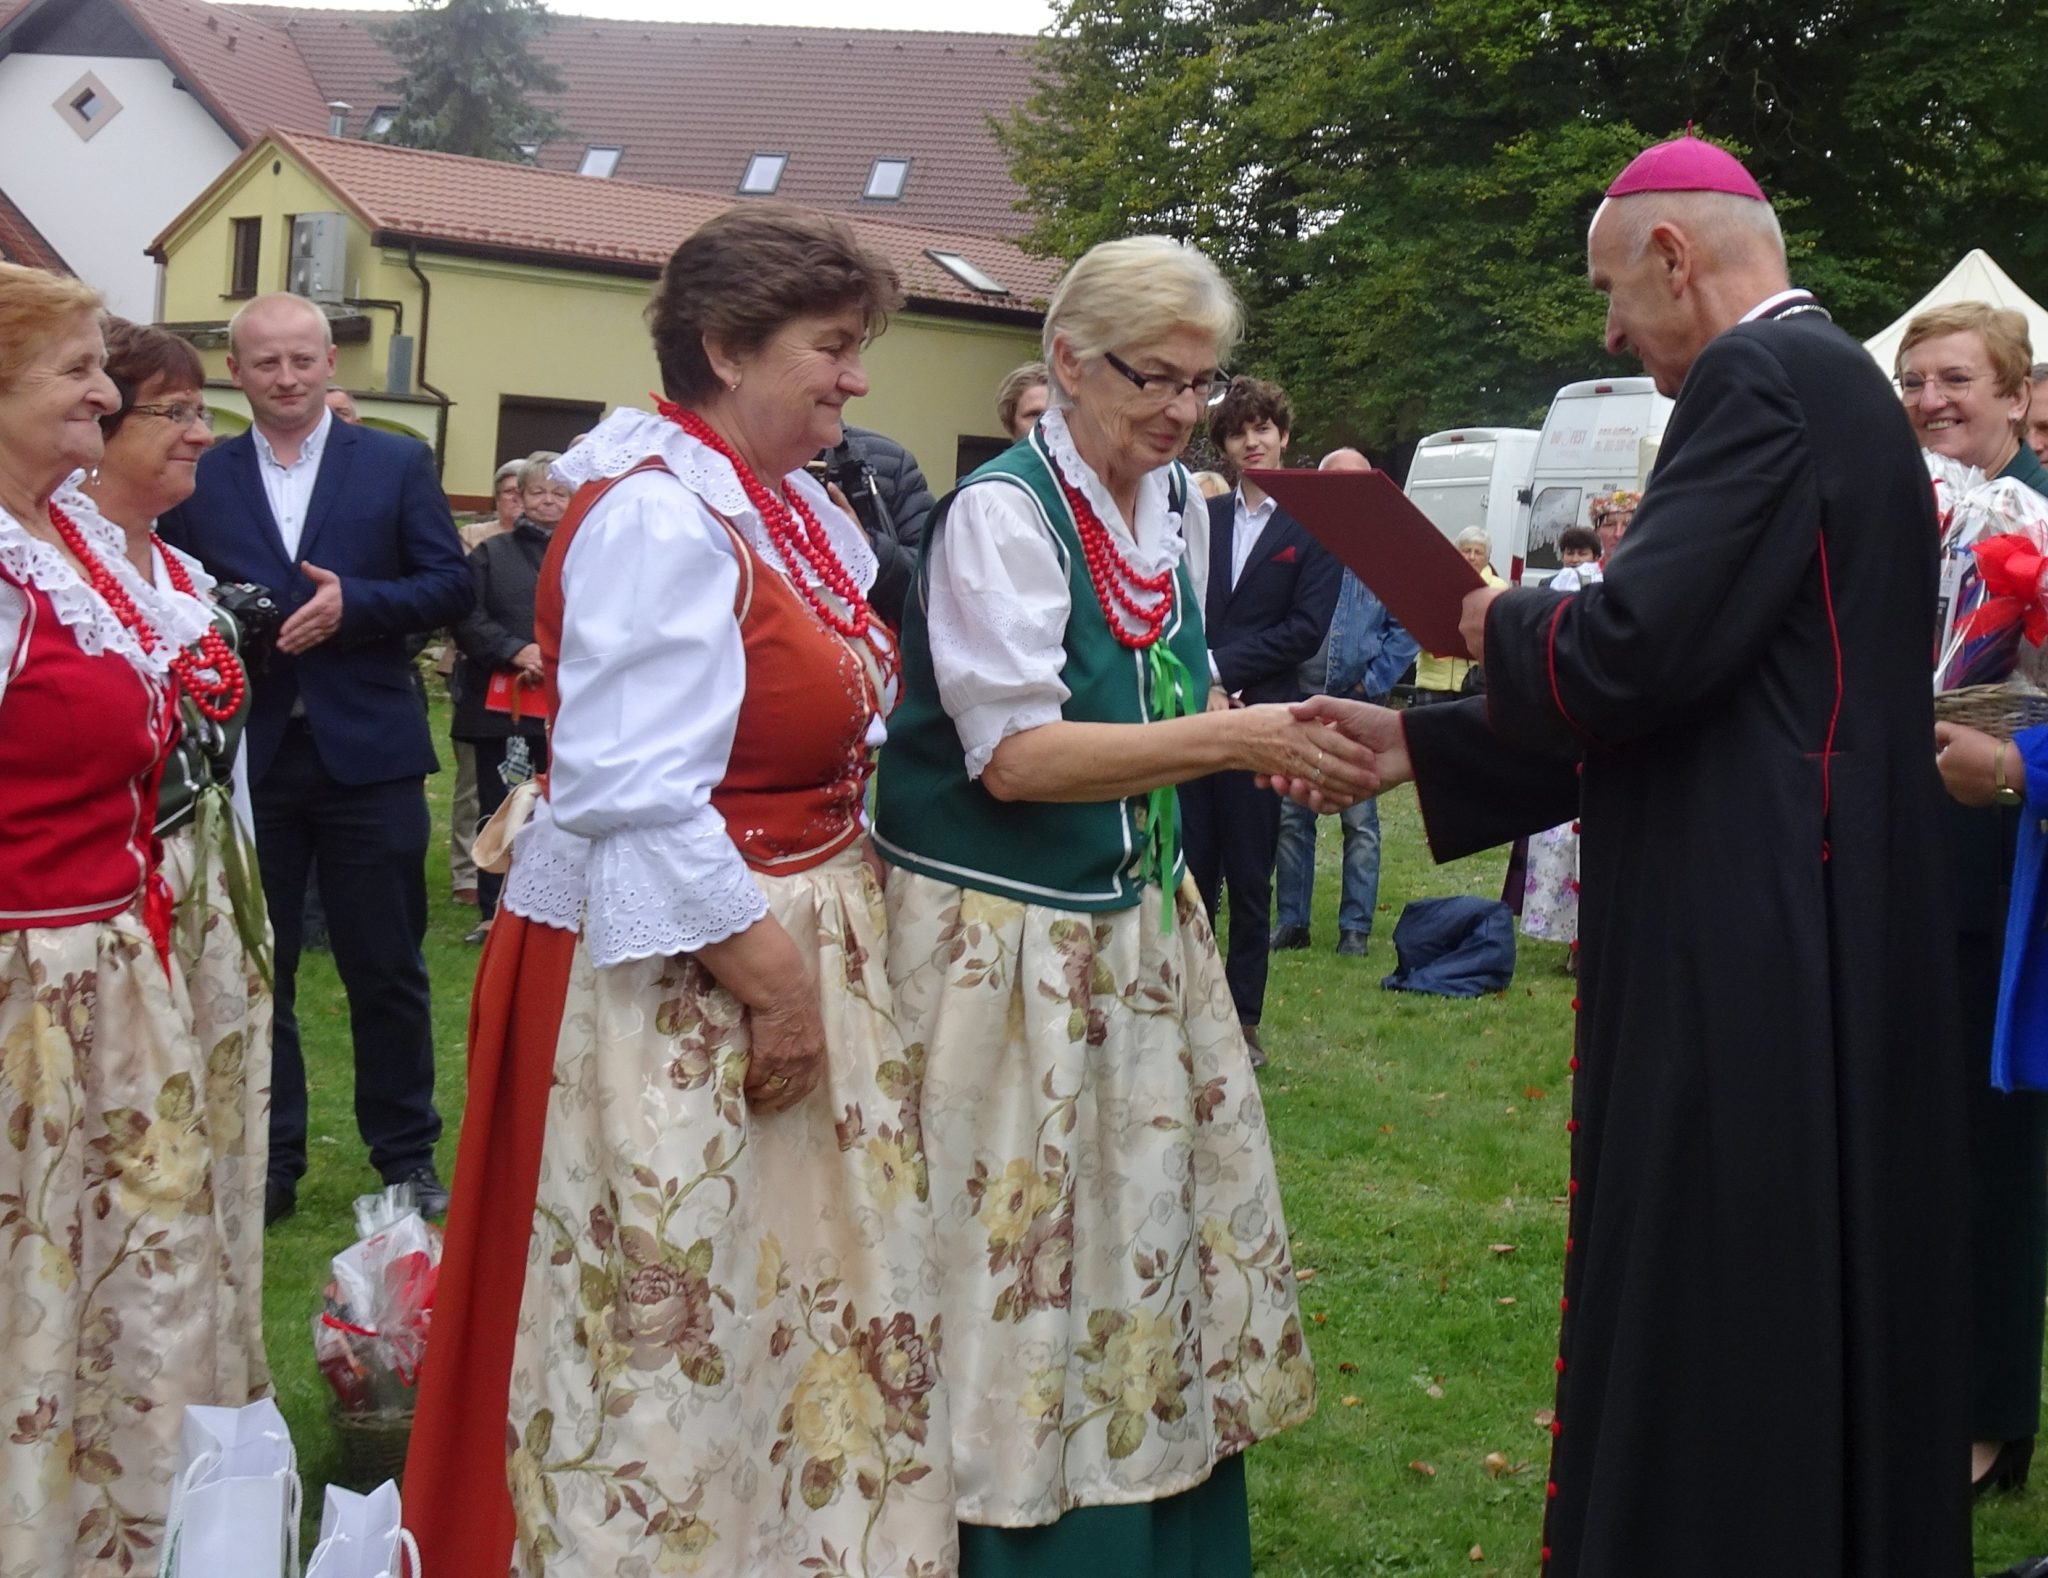 kobiety w strojach ludowych , gratulacje skłąda im biskup